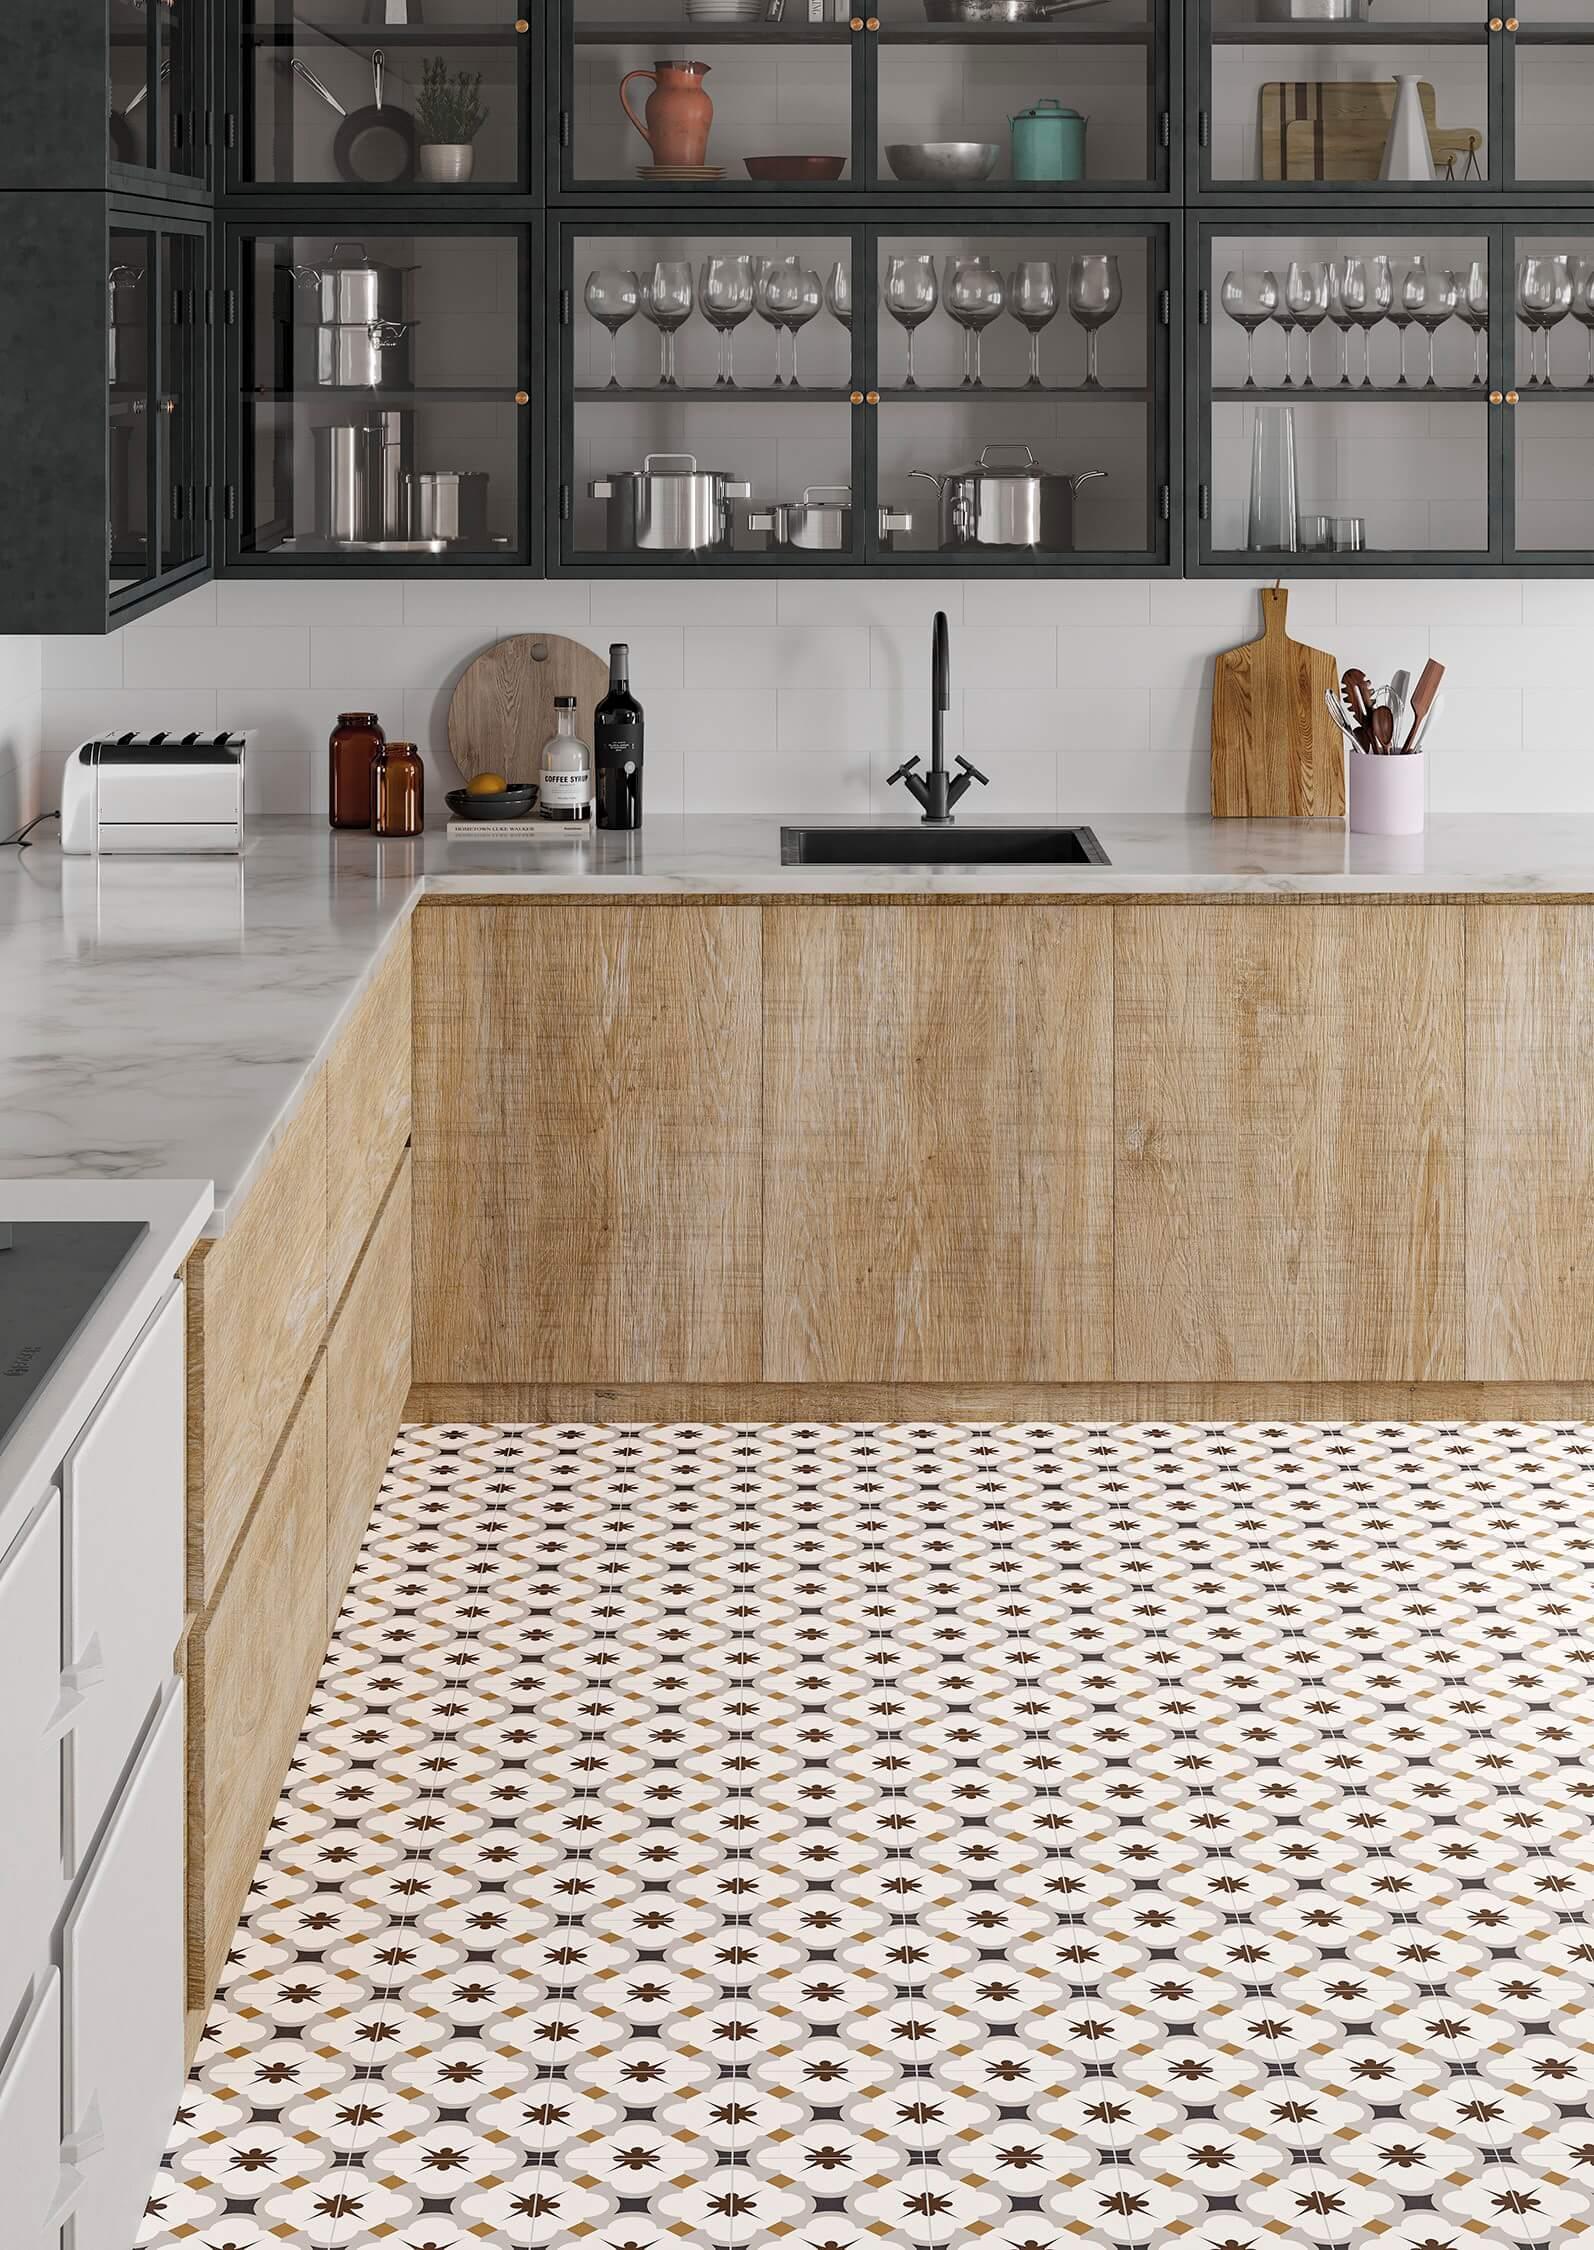 gayafores grace grey hydraulic tiles hidráulicos